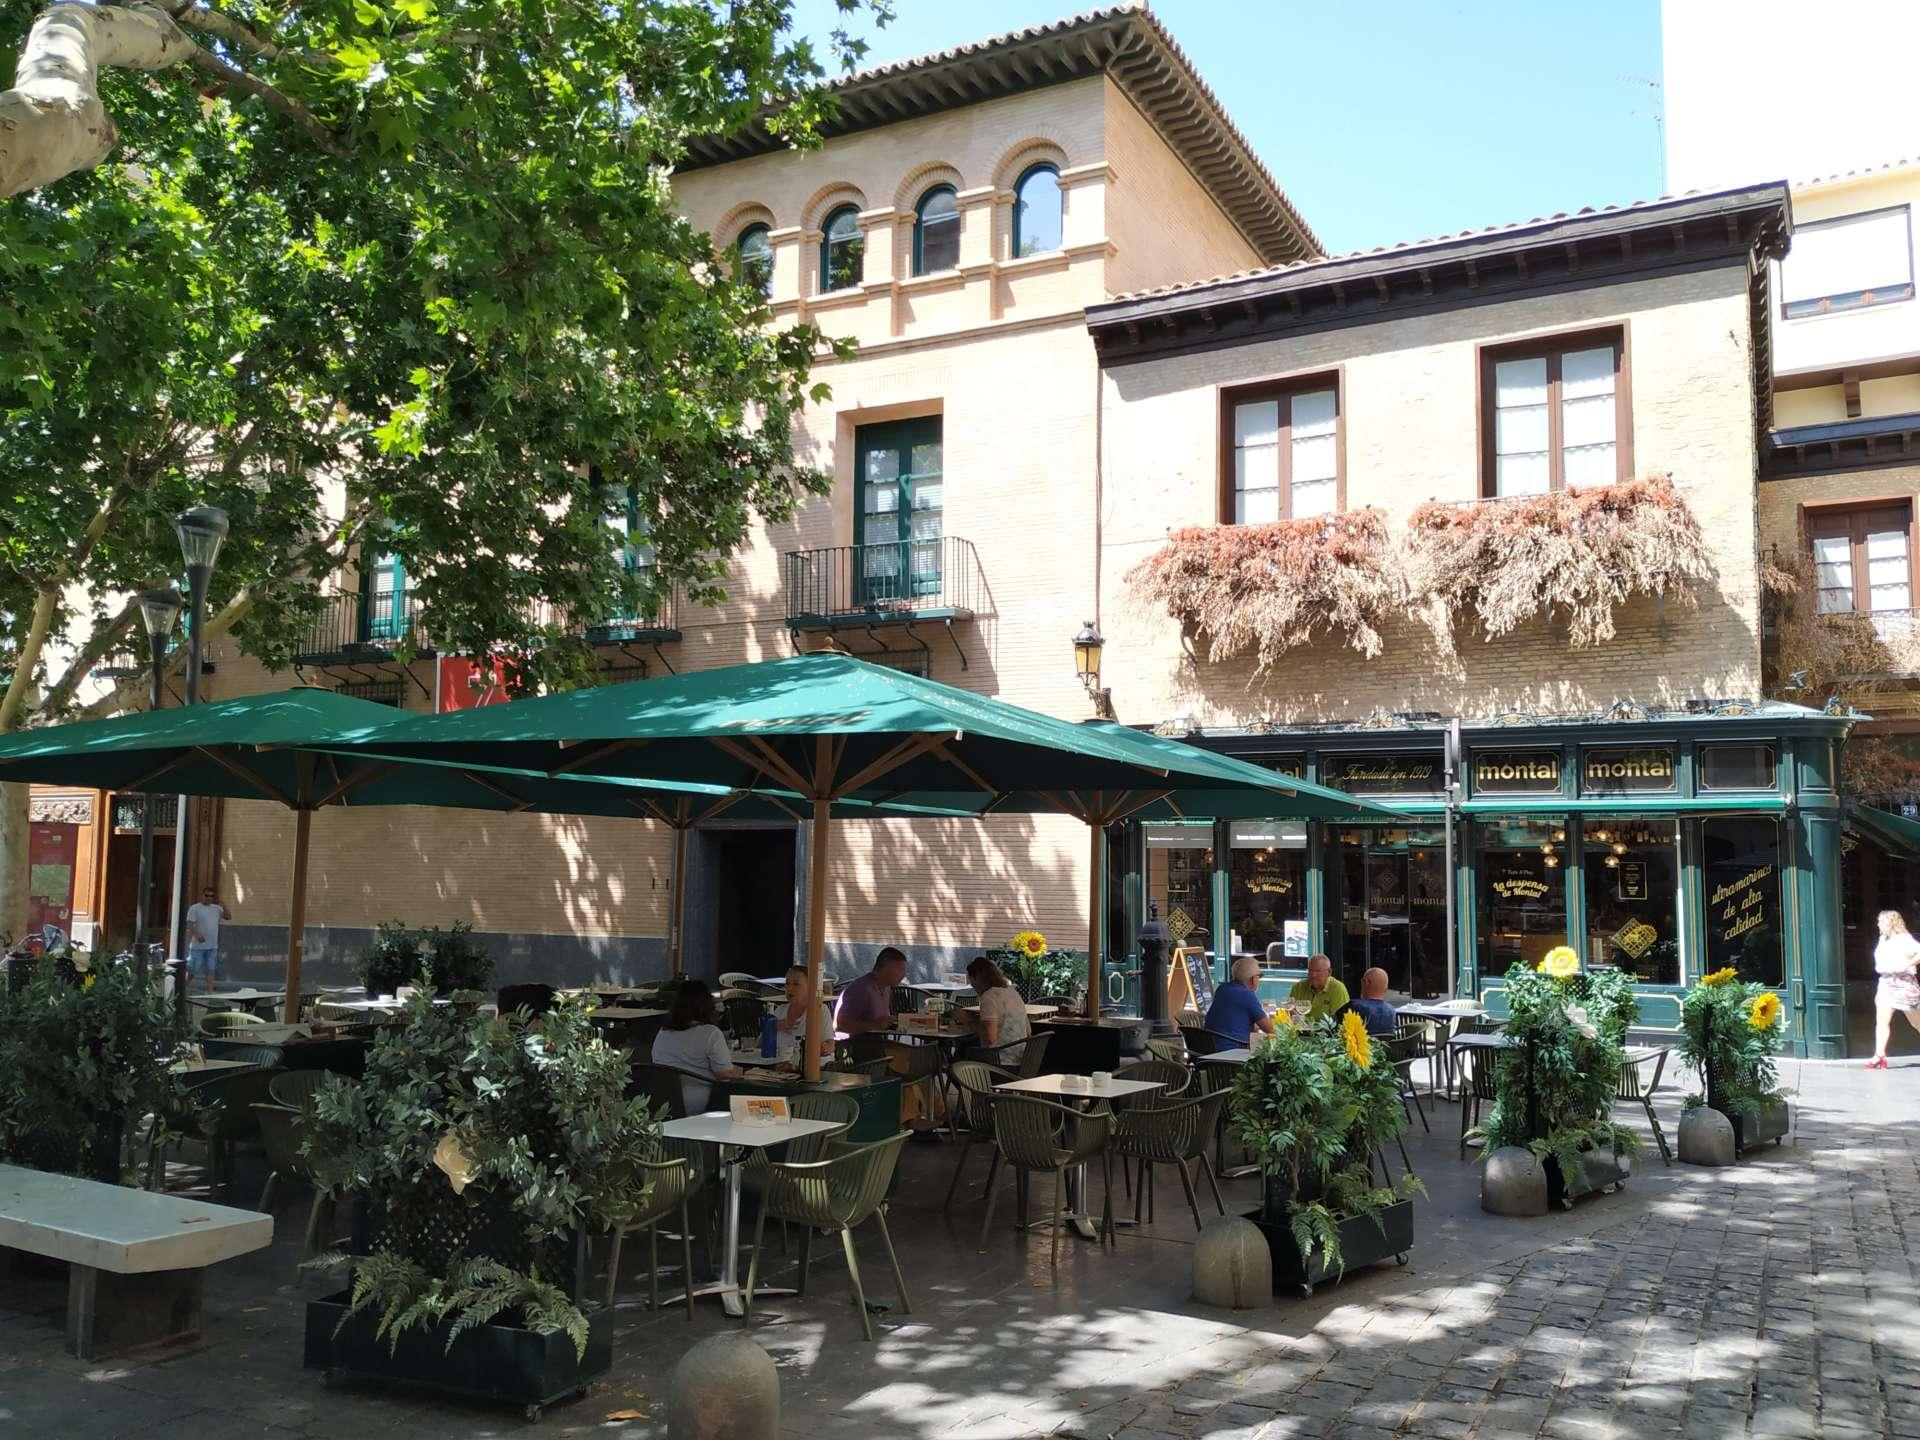 100 Años De Casa Montal Gastronomía Gourmet En El Centro De